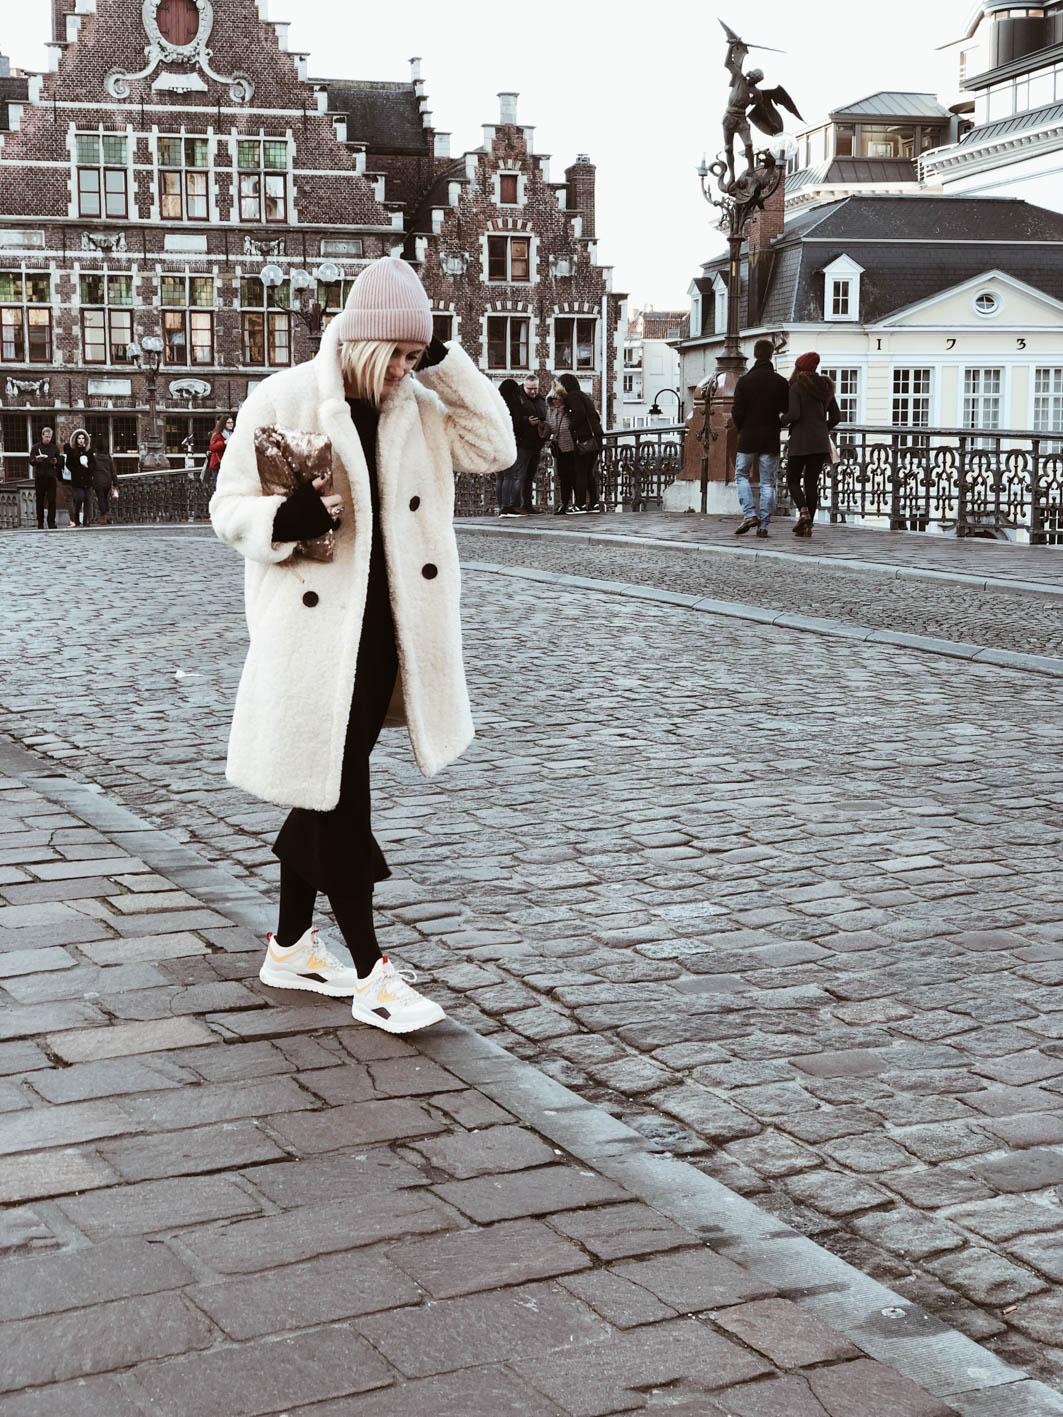 Carnet Sauvage - Blog mode et tendance, idée look hiver, robe en maille et manteau fluffy Mango